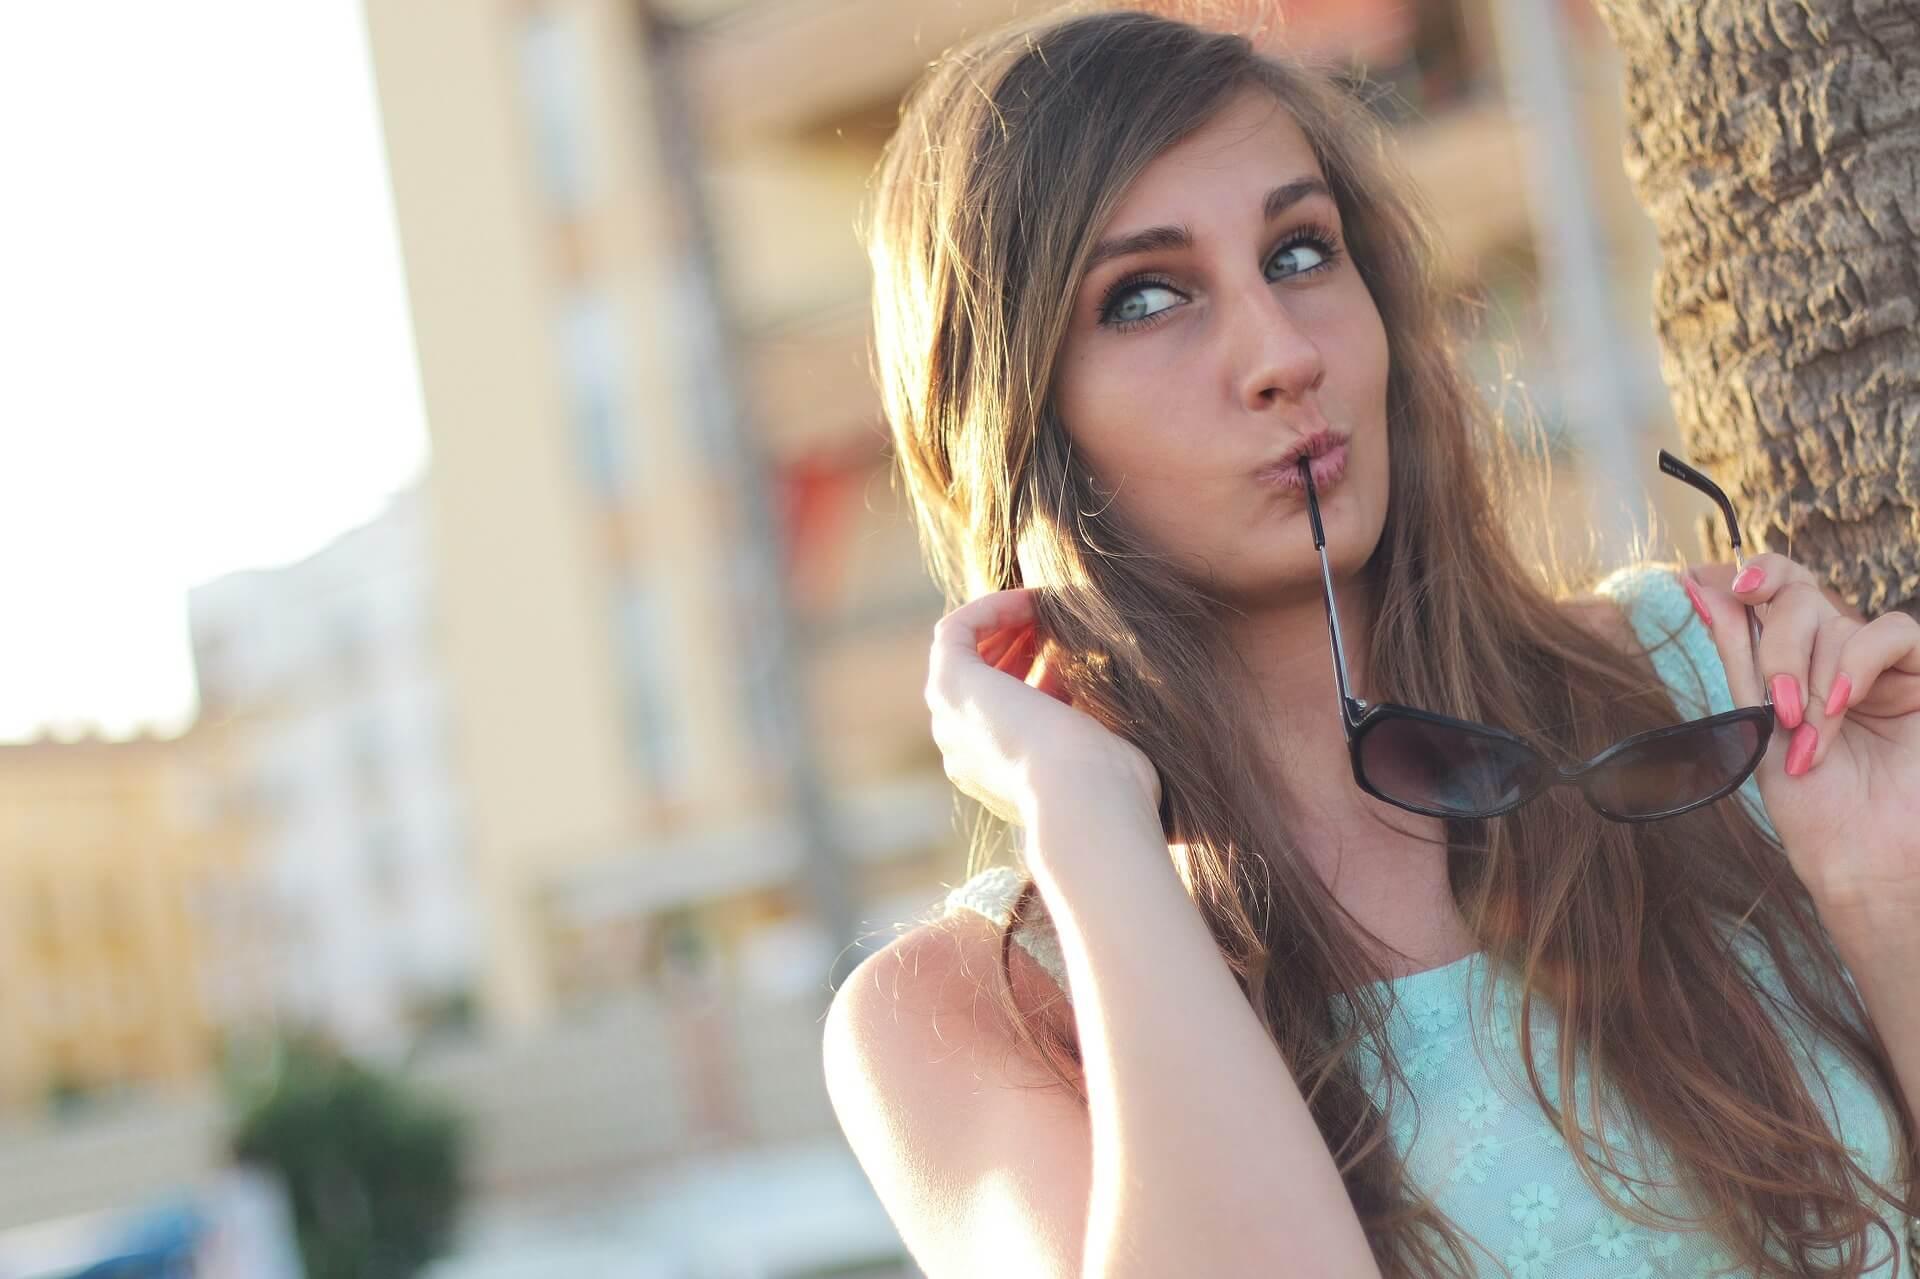 שפת גוף מושכת